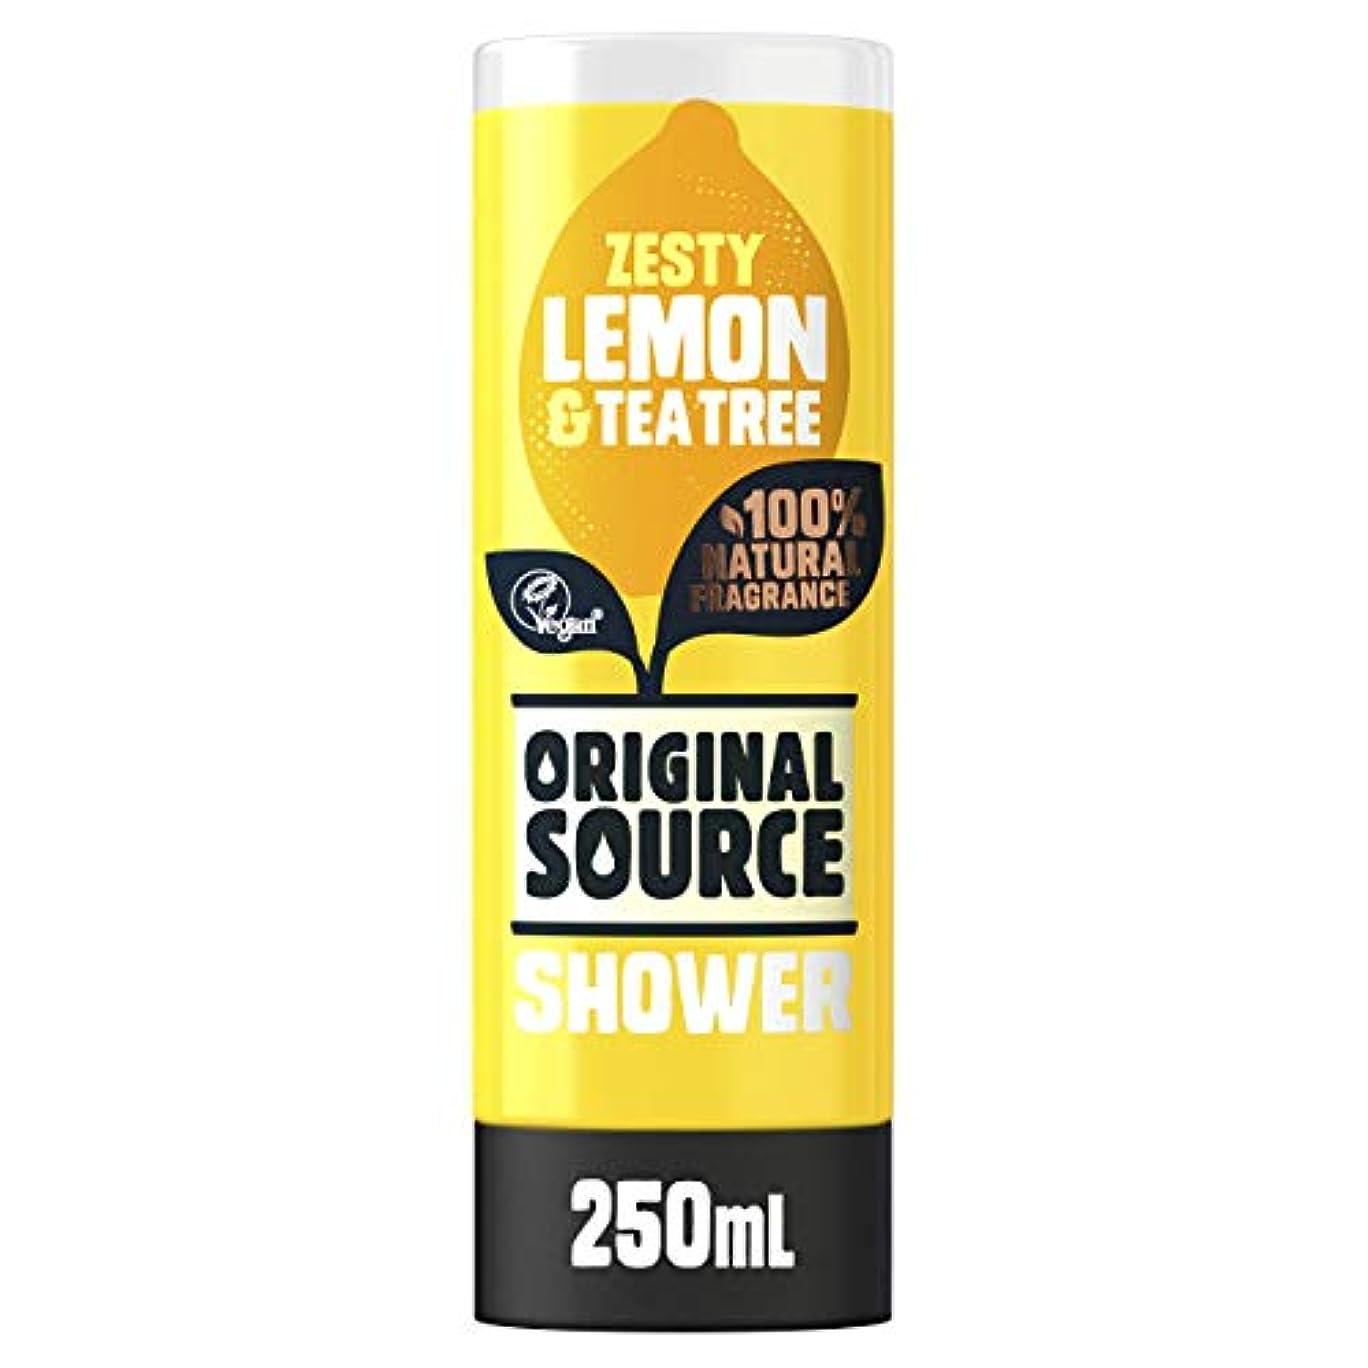 治療制限されたラベンダーCussons Lemon and Tea Tree Original Source Shower Gel by PZ CUSSONS (UK) LTD